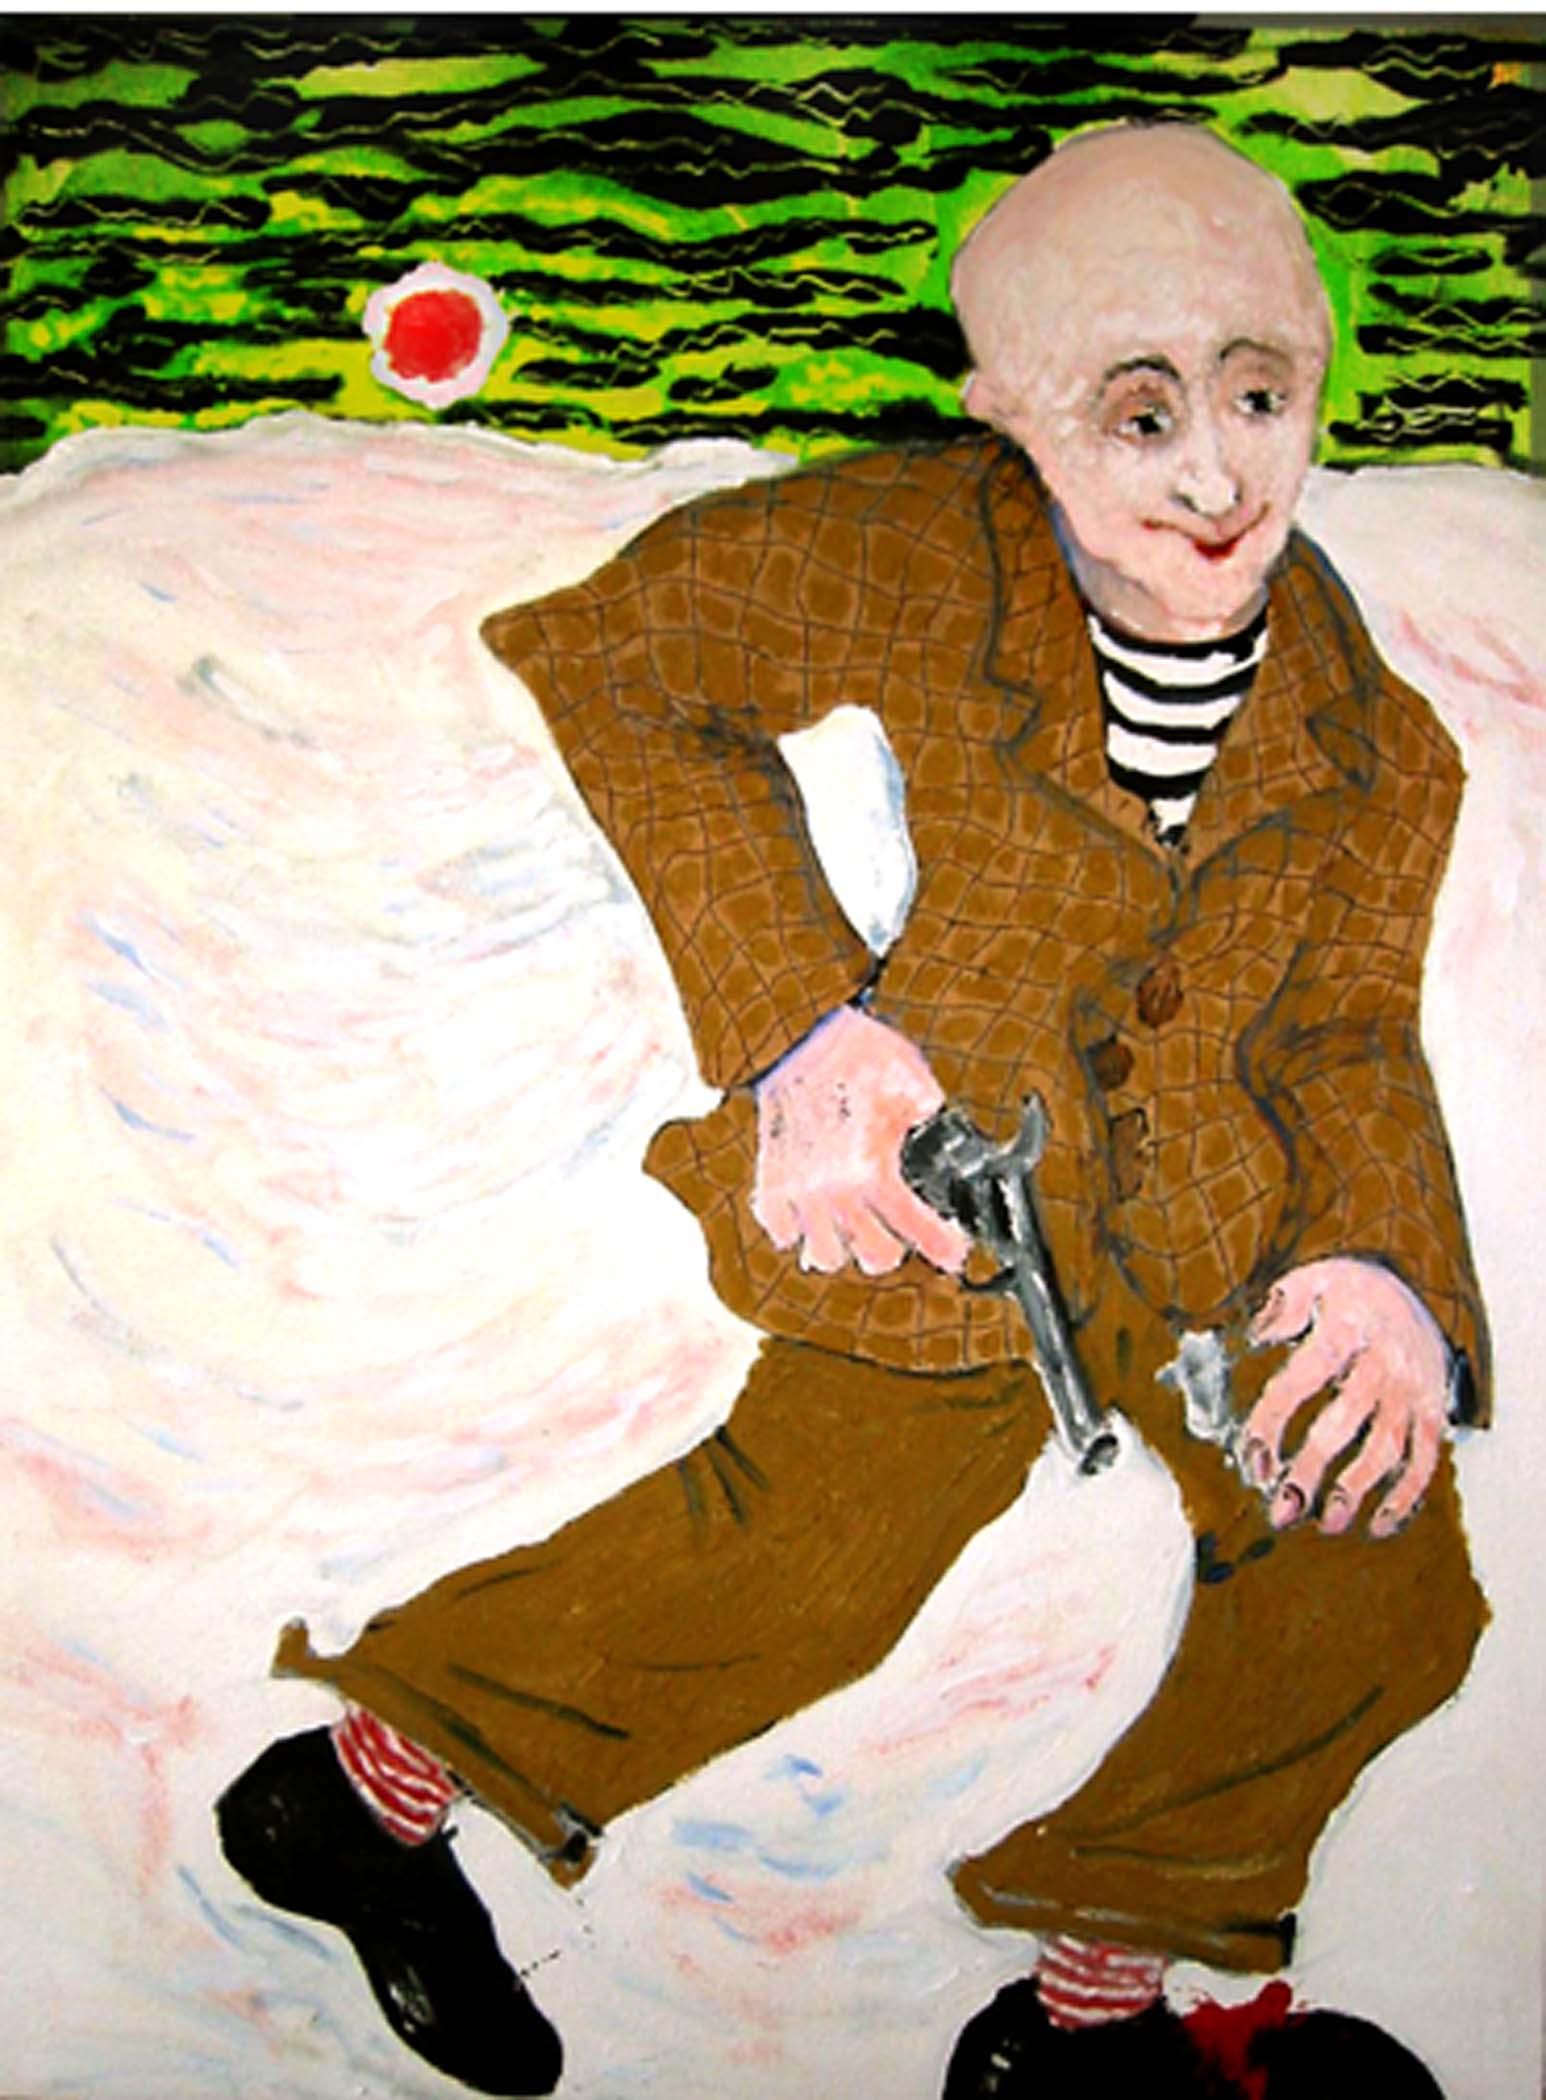 """Self-criticism,  2002, huile sur toile / oil on canvas, 25""""x 19"""", 64 x 48 cm."""